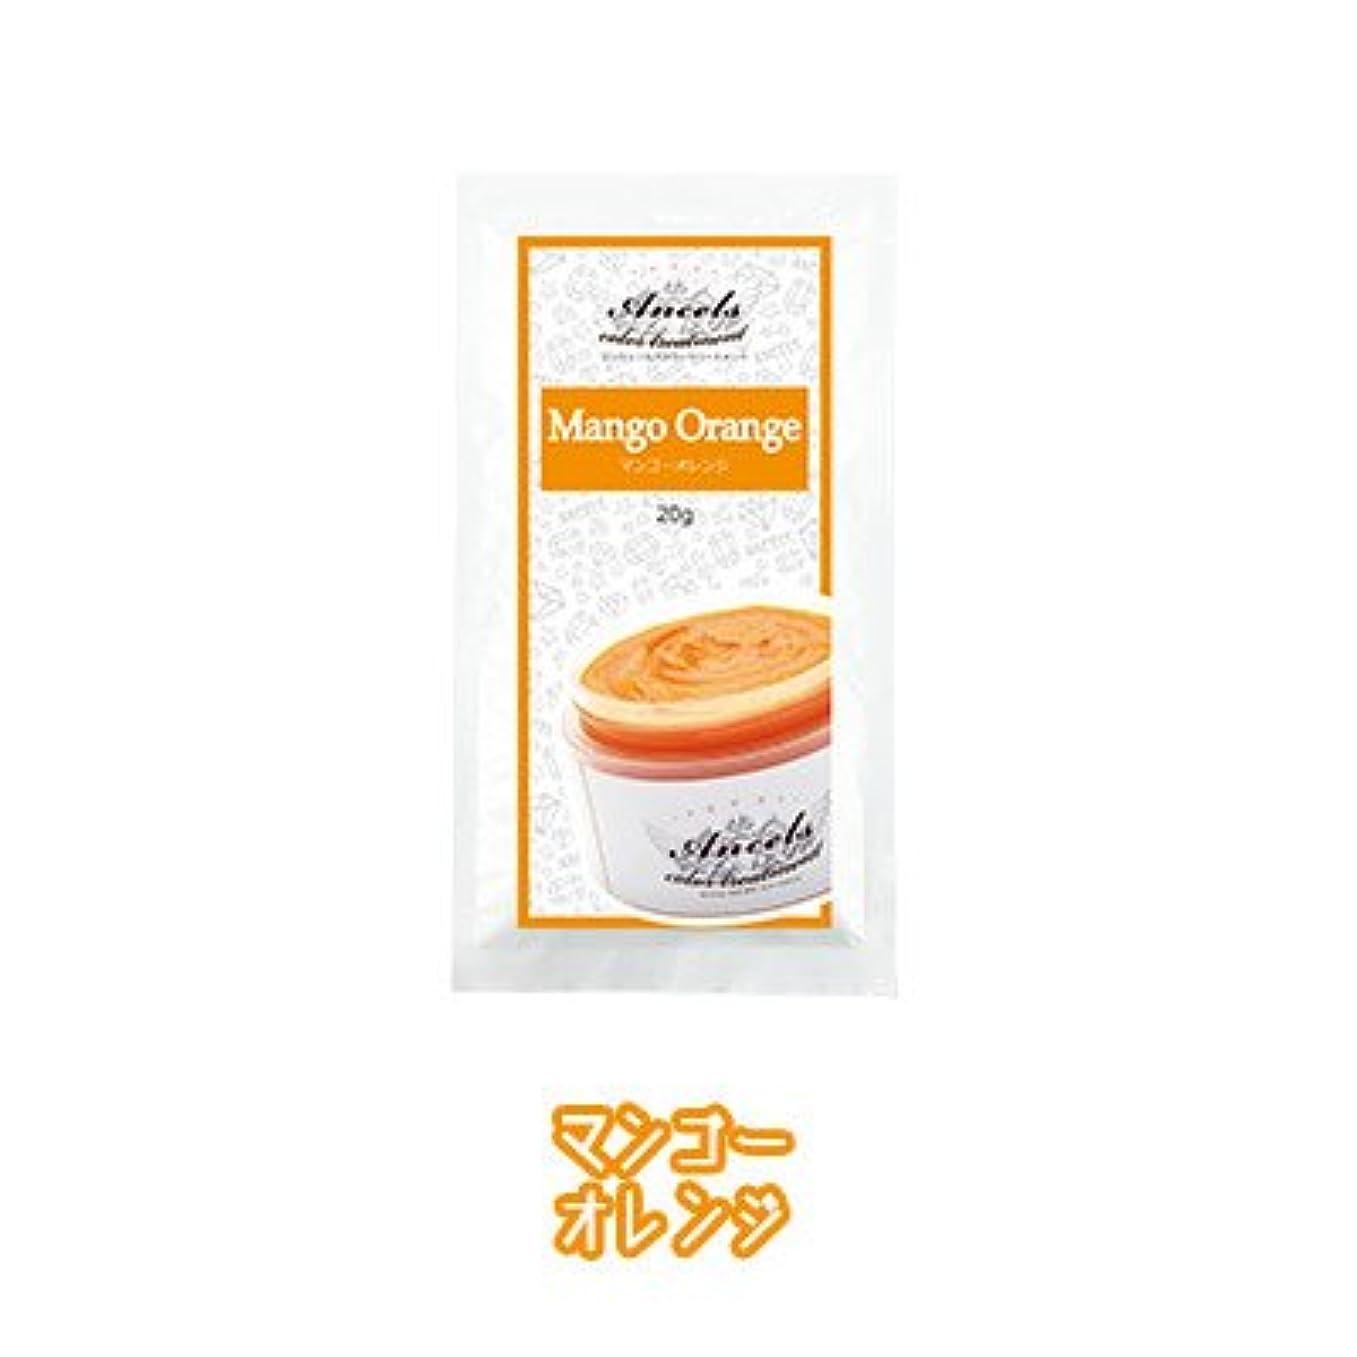 シニス波ここにエンシェールズ カラートリートメントバター プチ(お試しサイズ) マンゴーオレンジ 20g